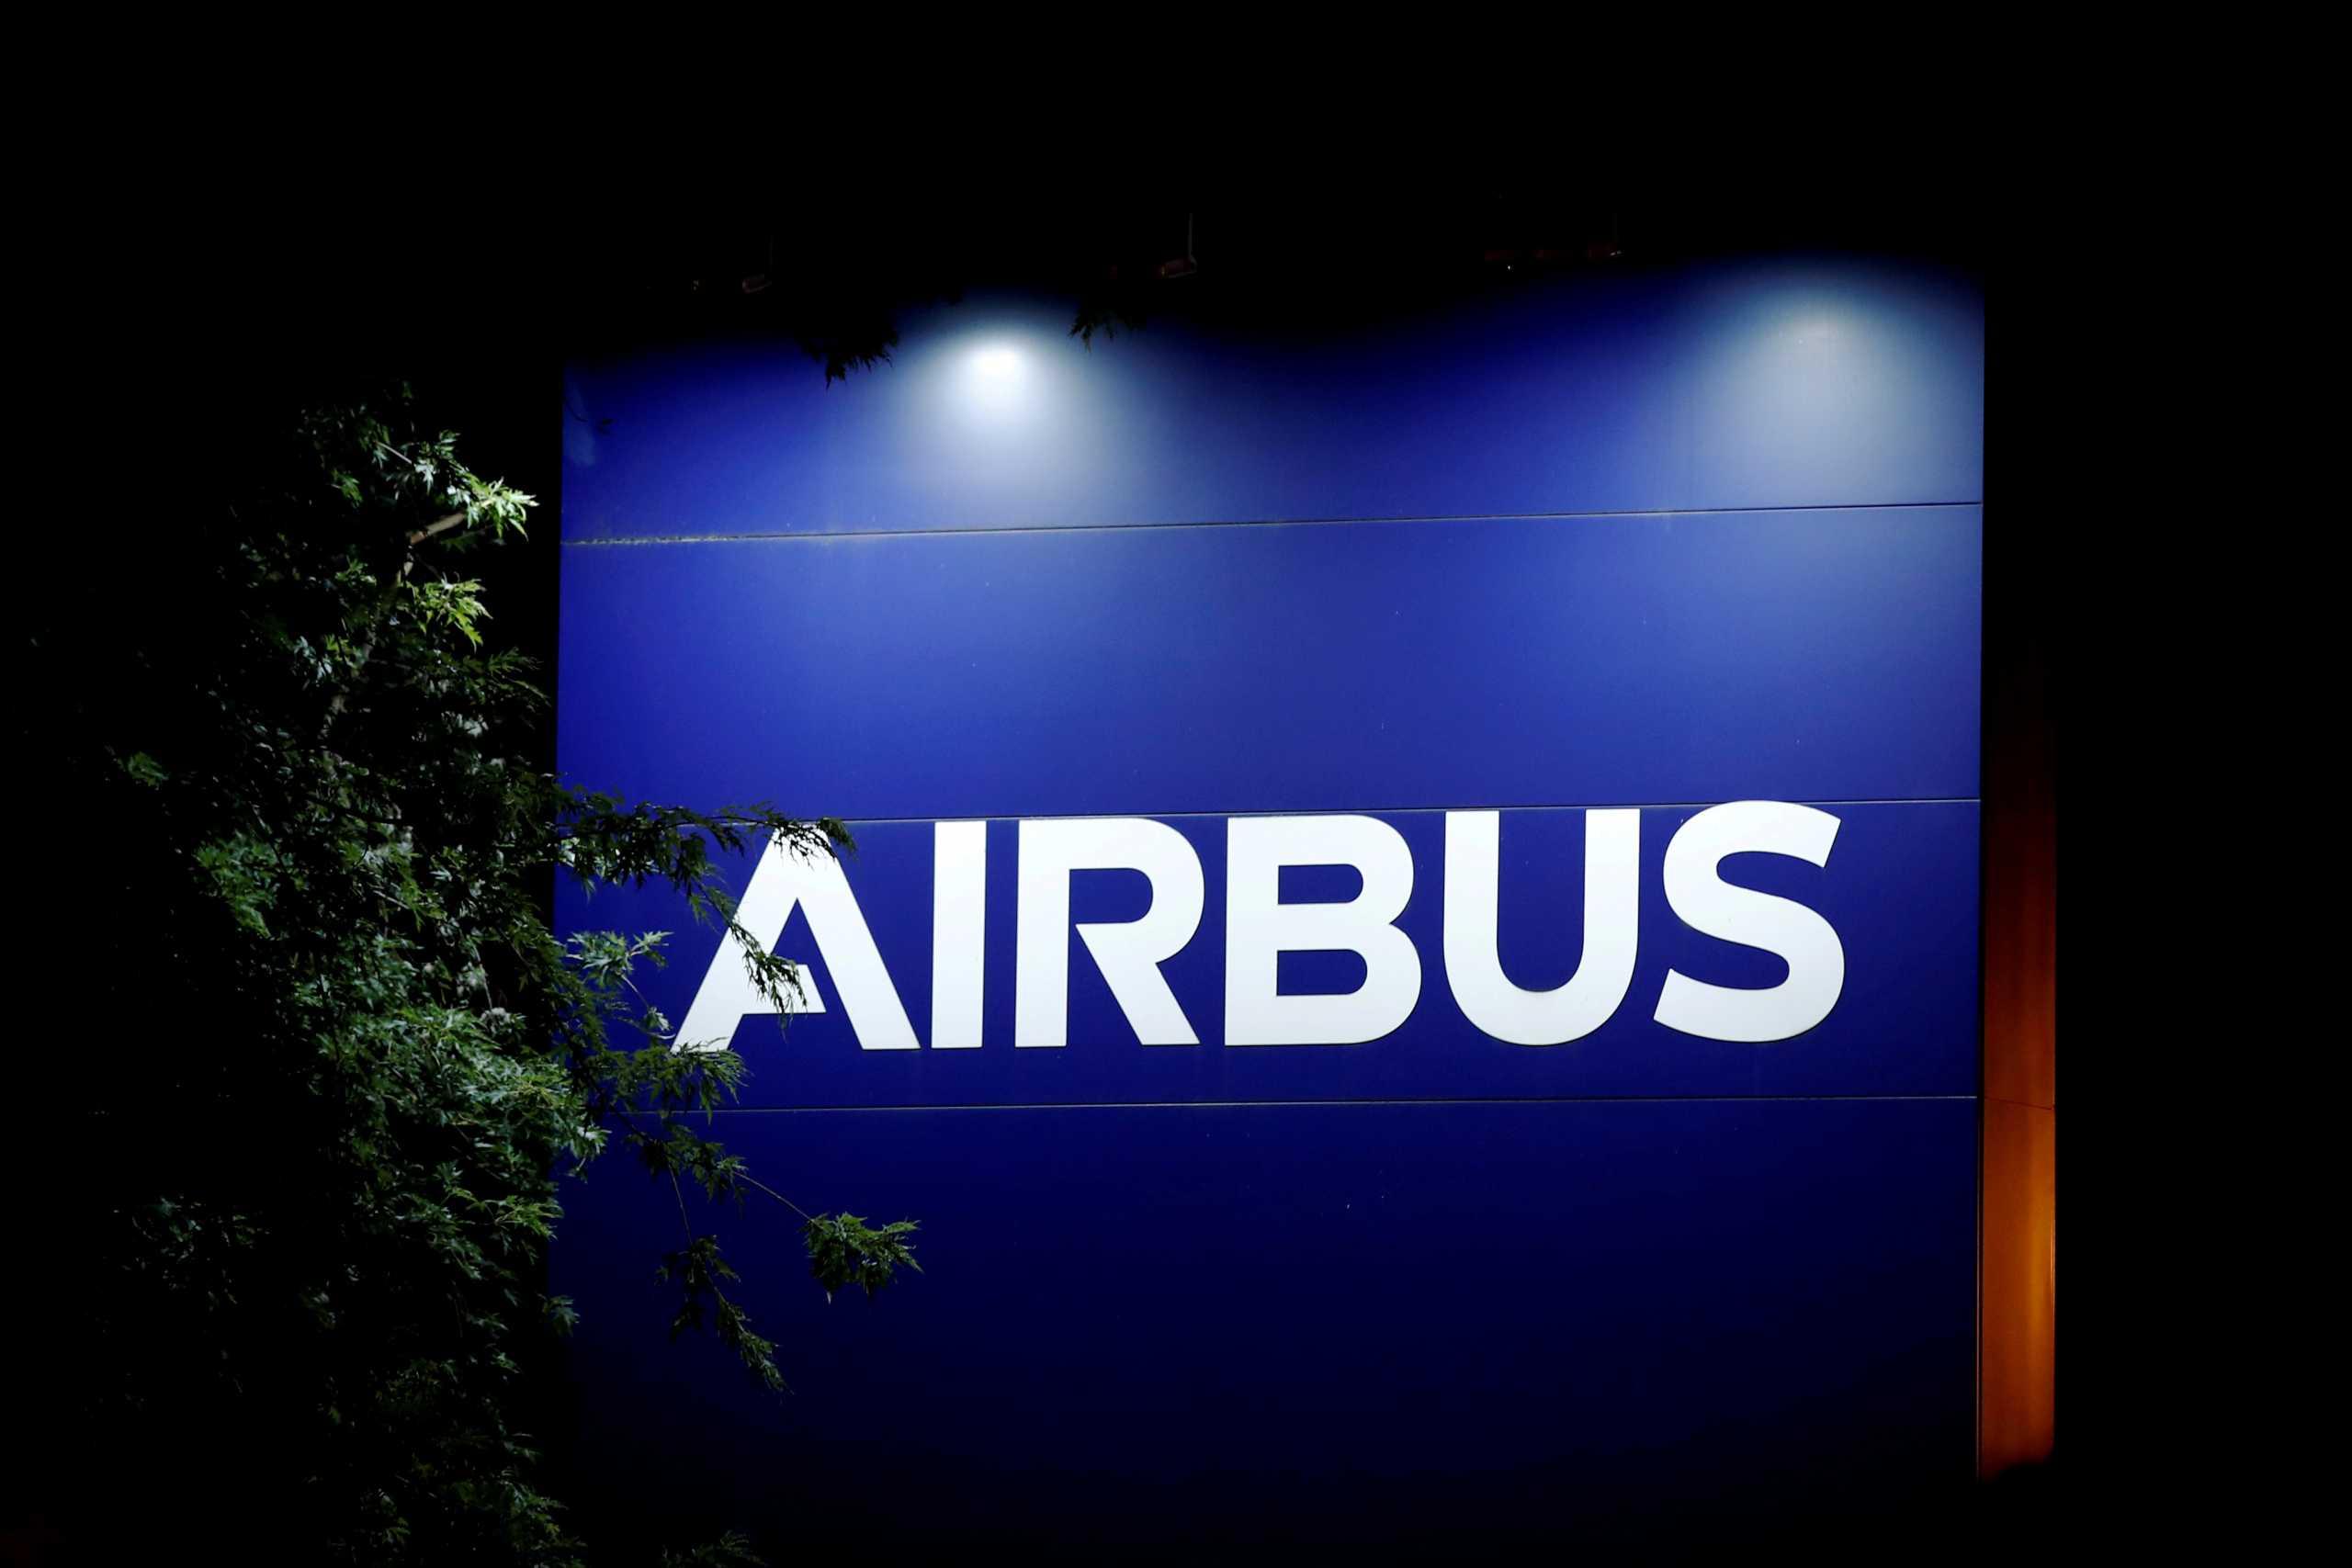 Κορονοϊός – Γερμανία: Σε καραντίνα 500 υπάλληλοι της Airbus μετά από κρούσματα σε εργοστάσιο